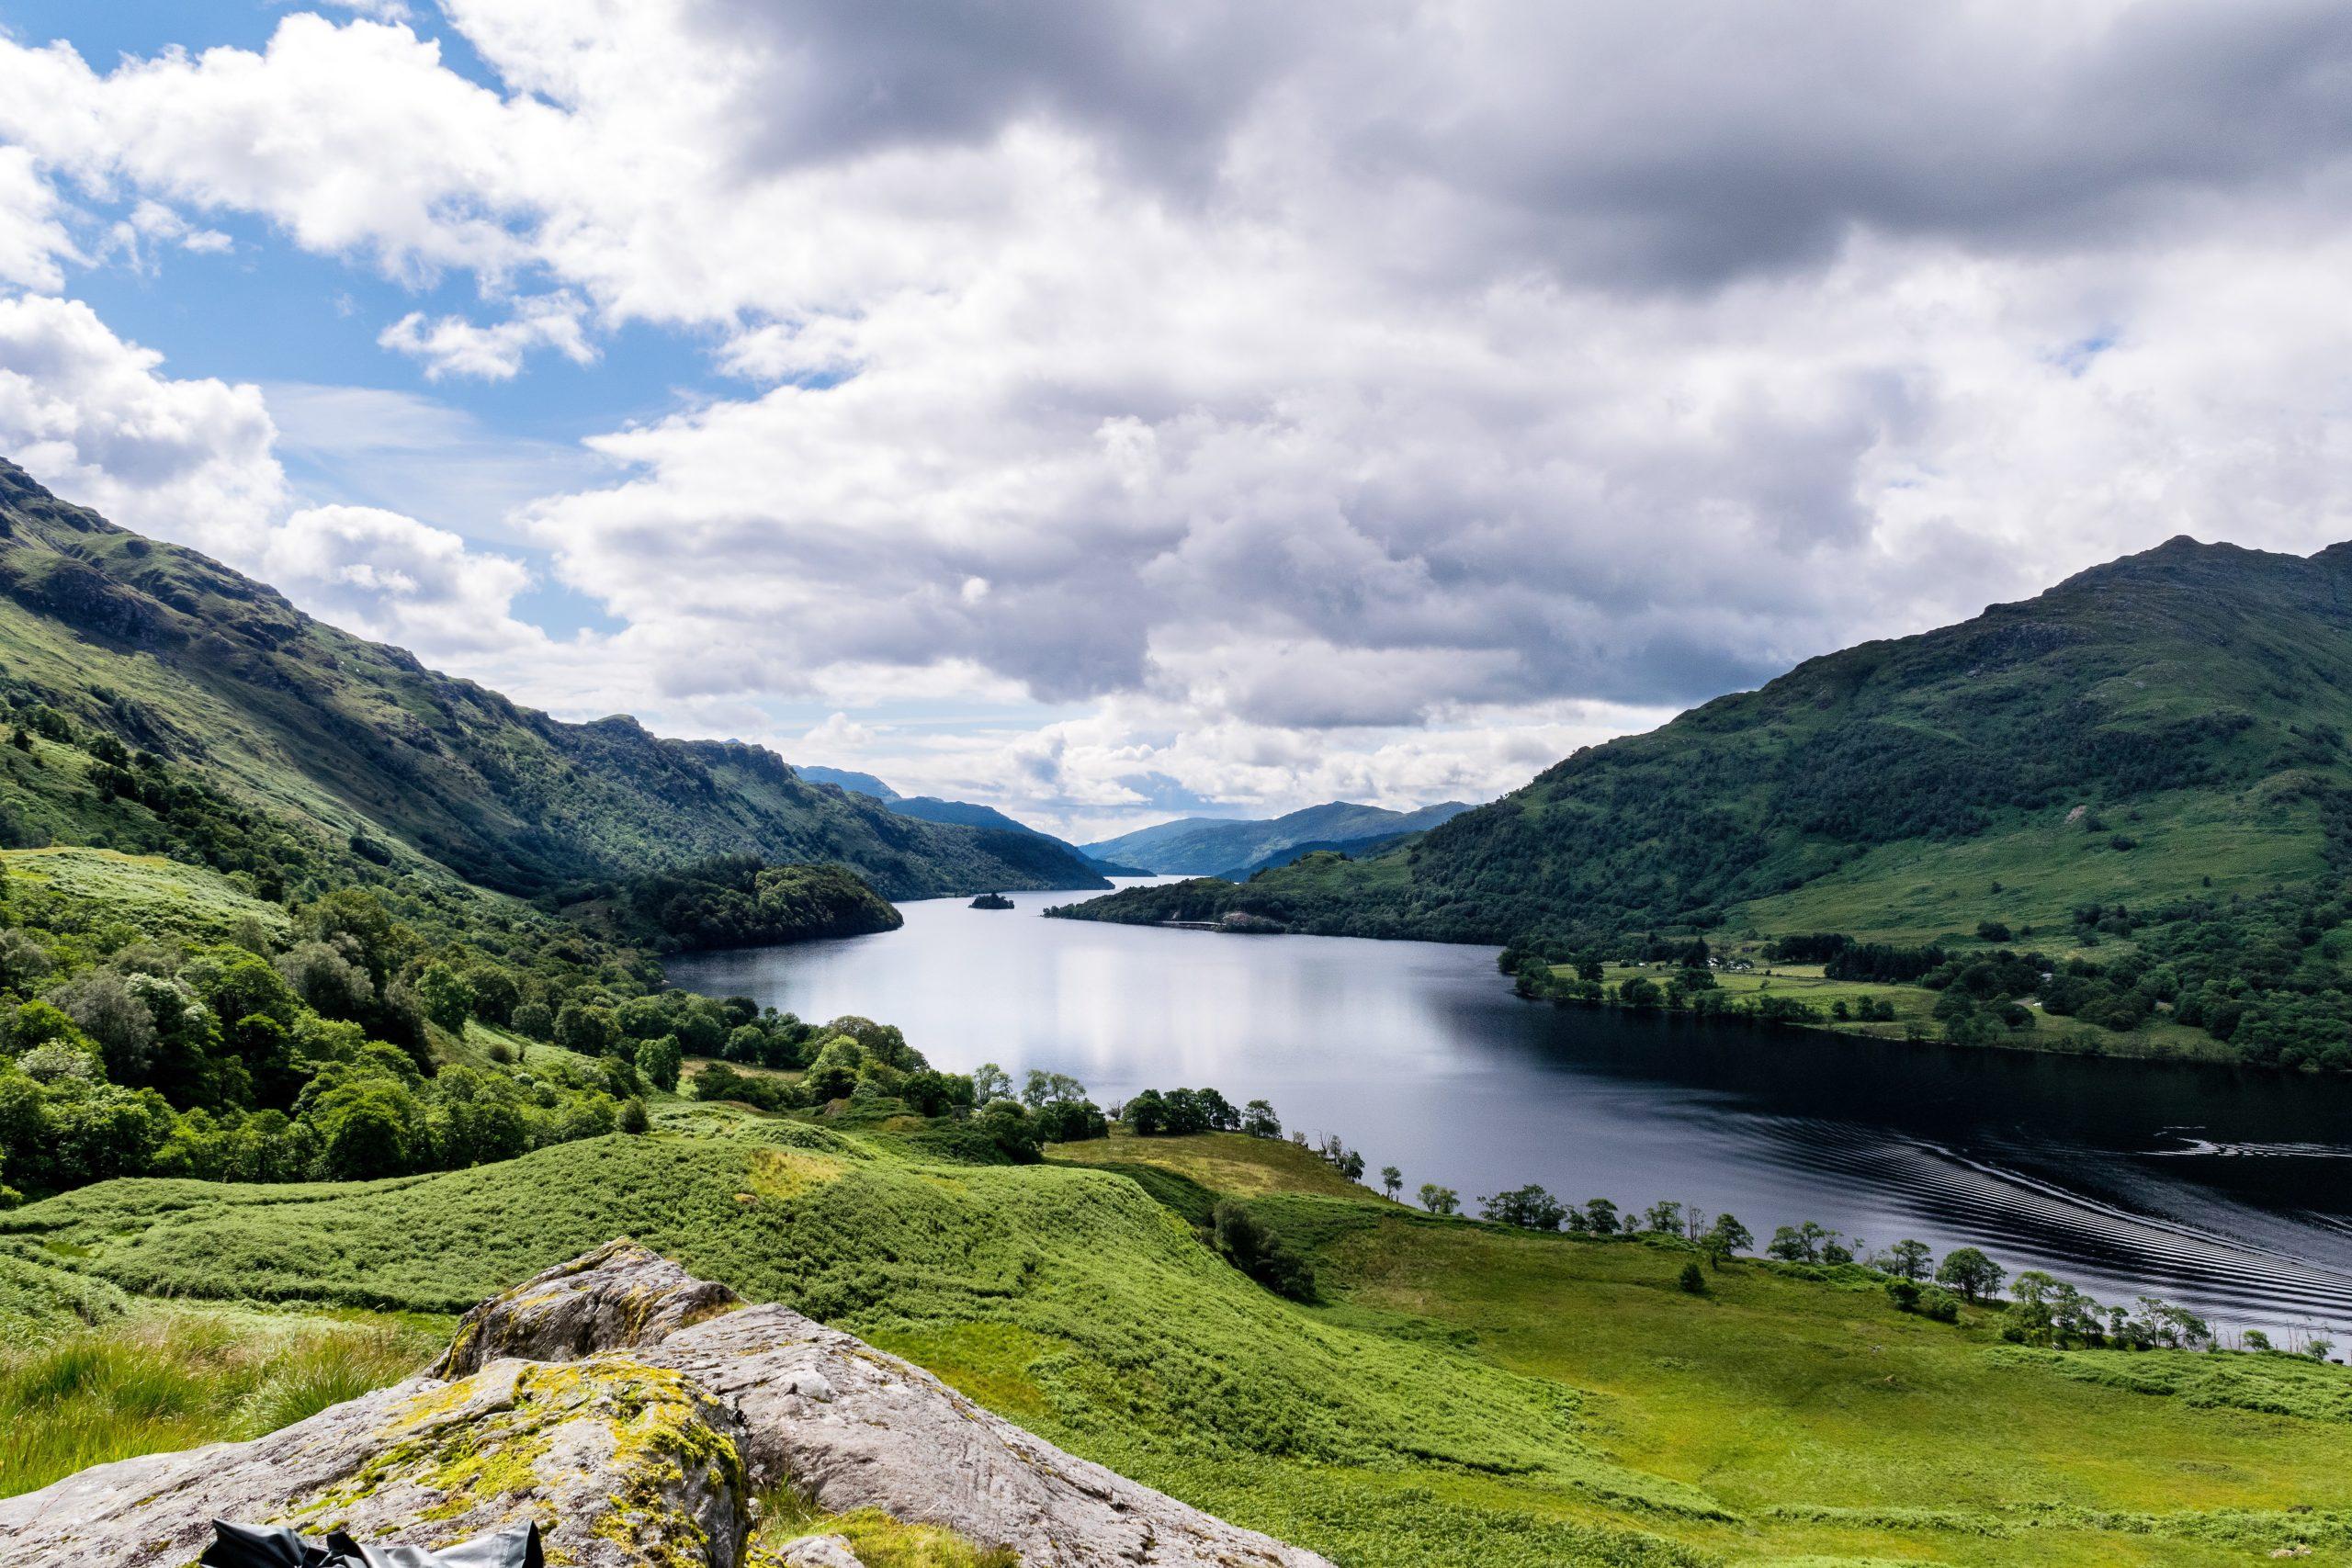 Reino Unido convertirá sus montañas en «baterías» de energía hidroeléctrica